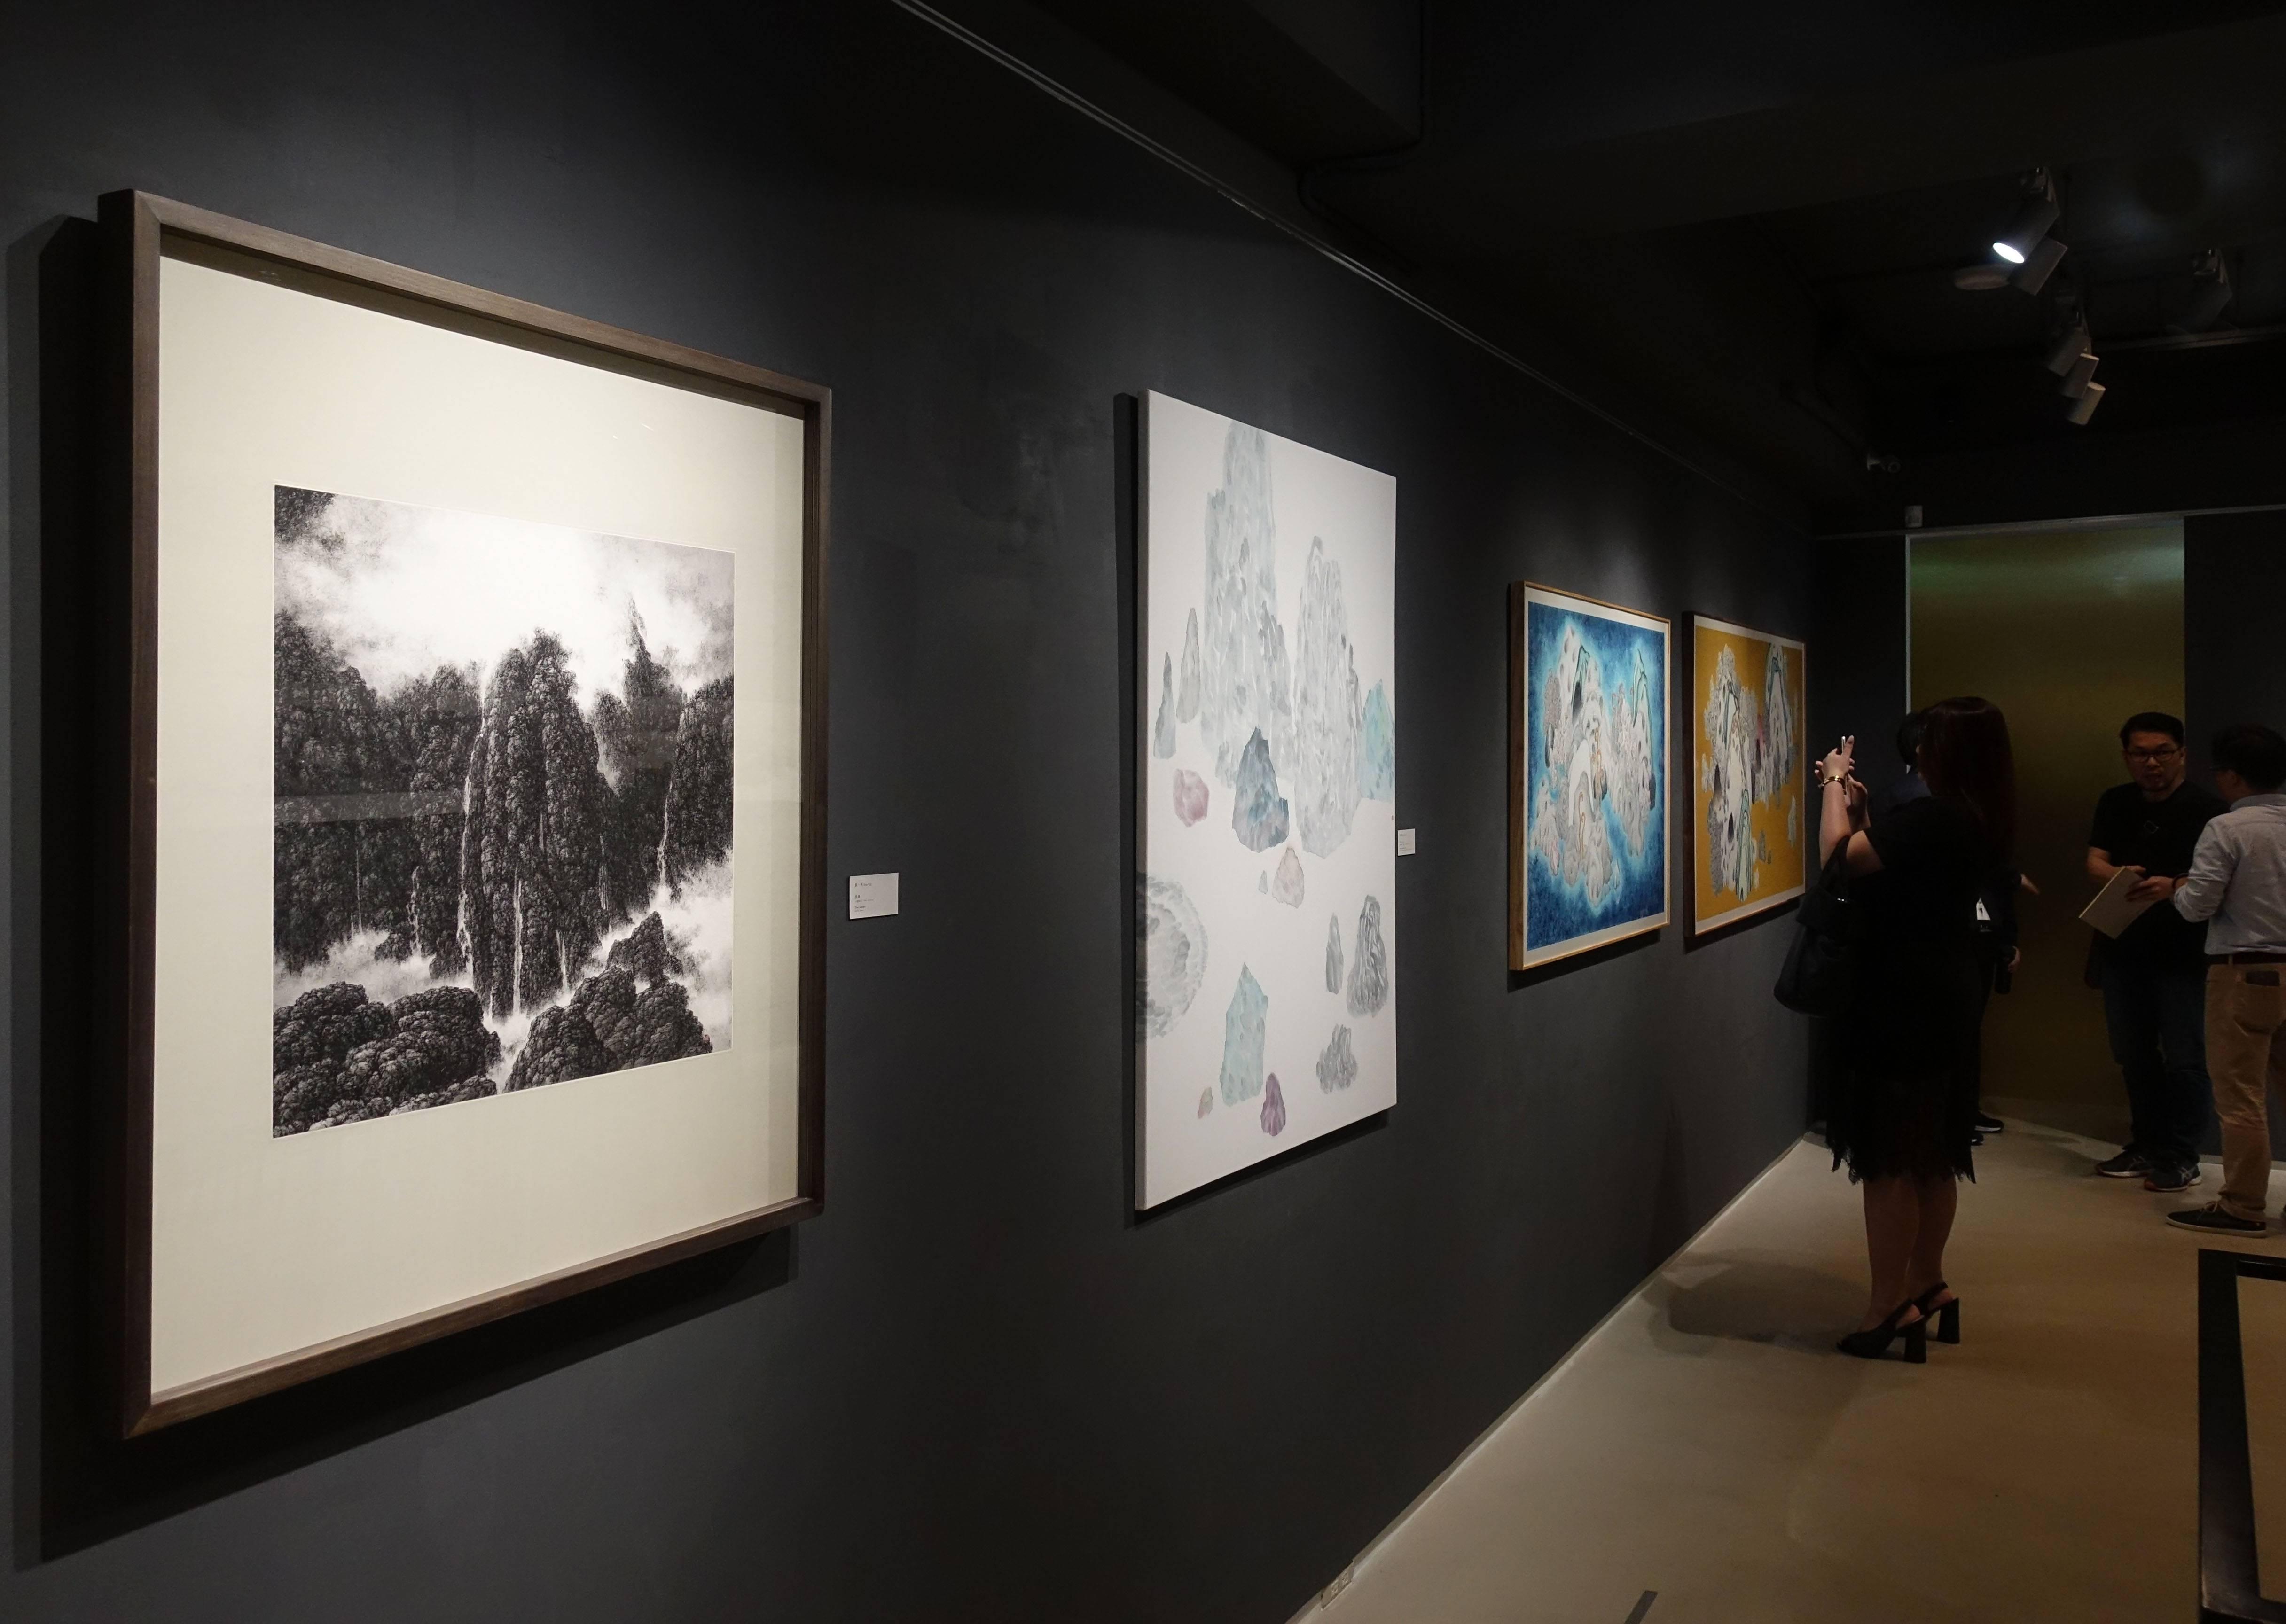 大觀藝術空間「島嶼.他方 - 台港水墨的地景建構」二樓空間展覽一隅。